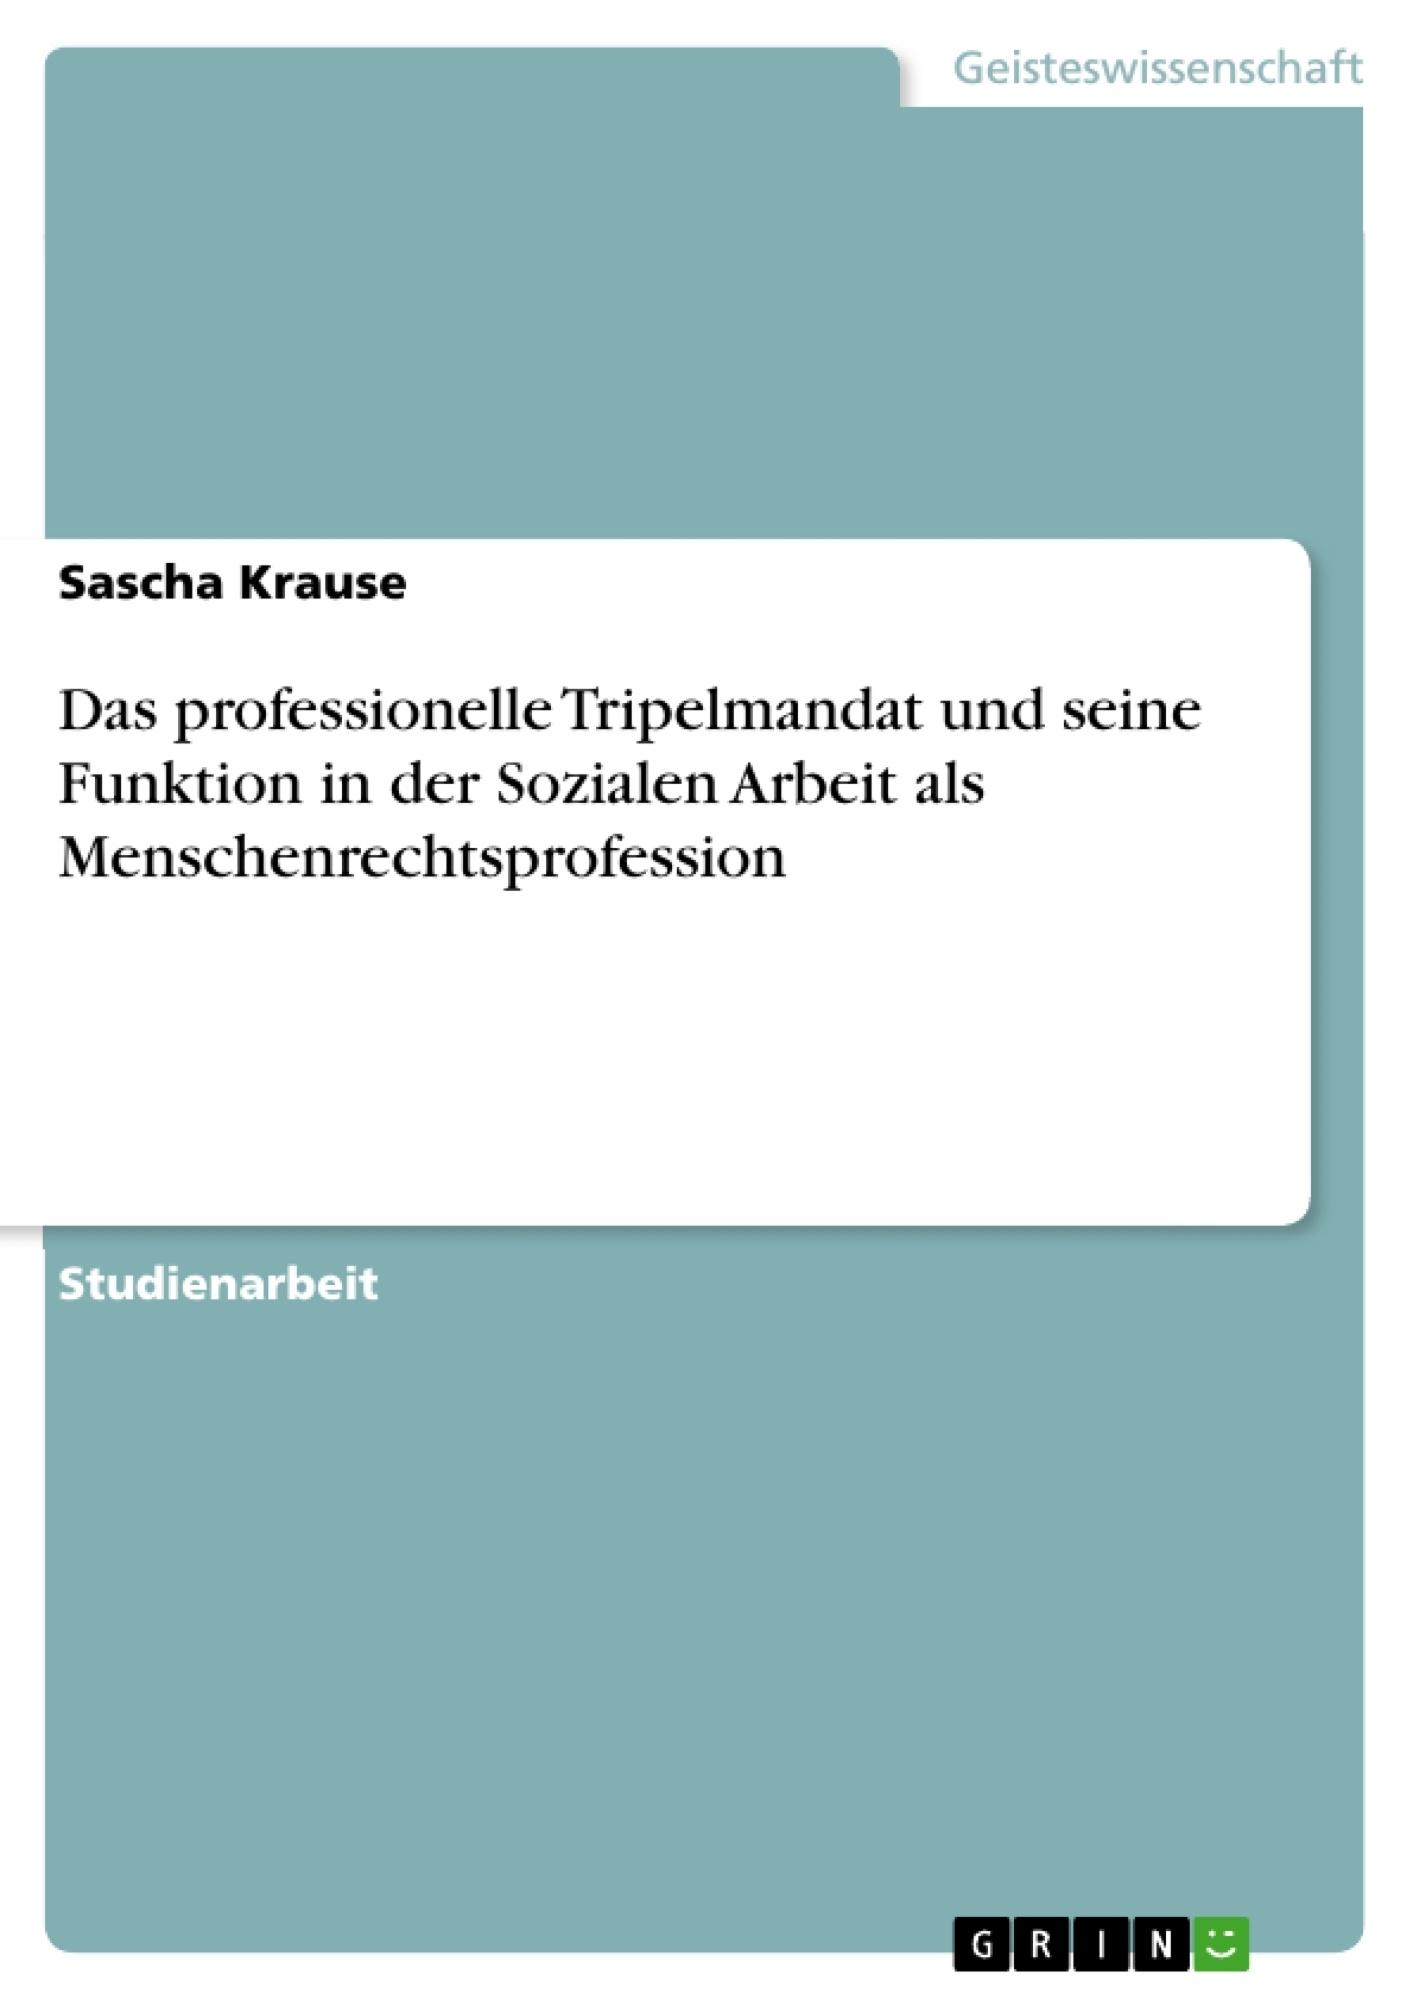 Titel: Das professionelle Tripelmandat und seine Funktion in der Sozialen Arbeit als Menschenrechtsprofession